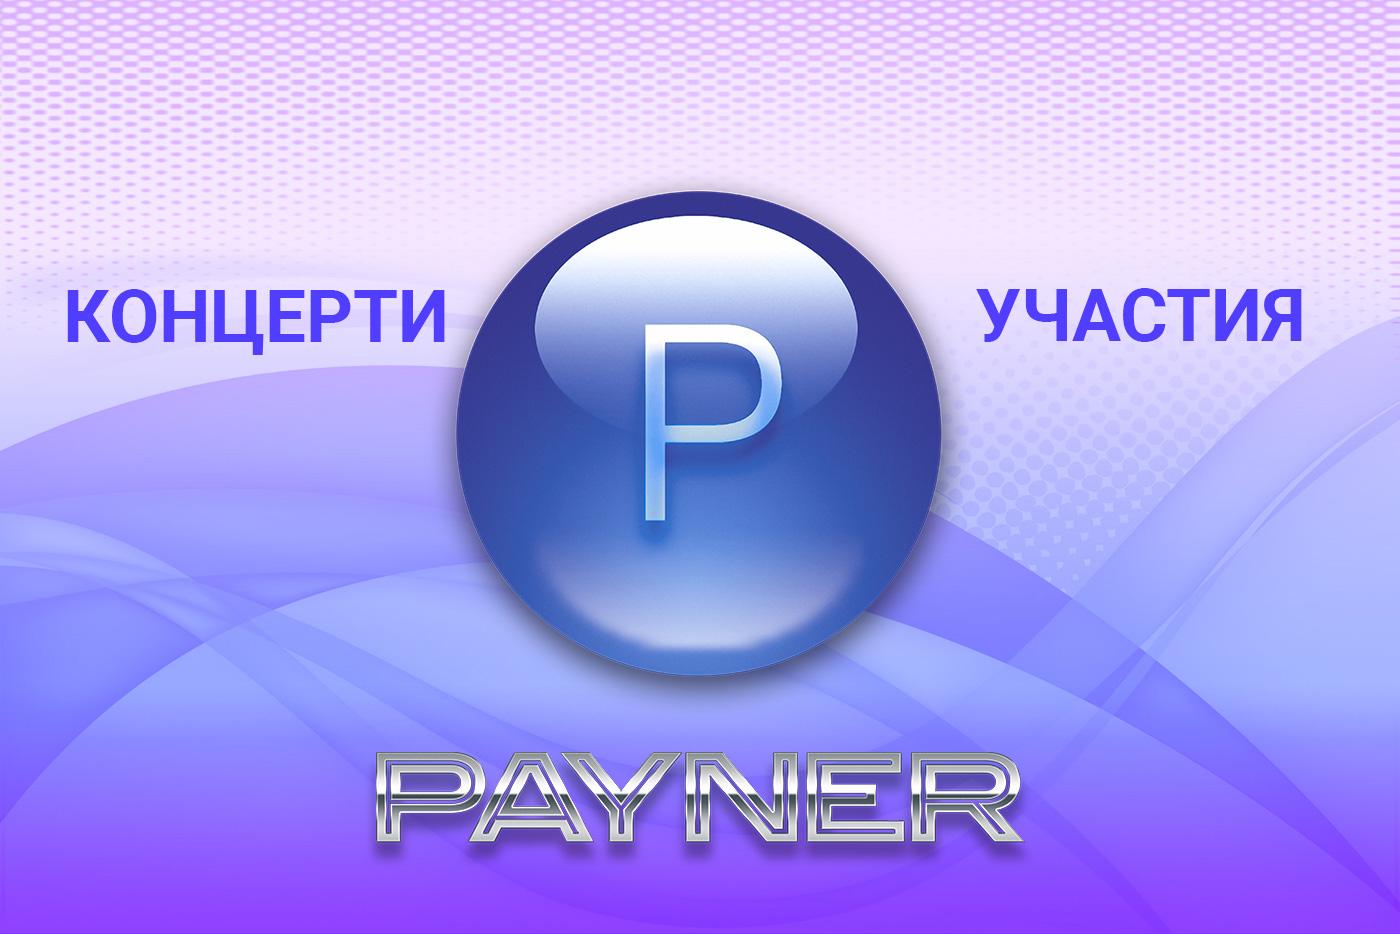 """Участия на звездите на """"Пайнер"""" на 13.11.2019"""